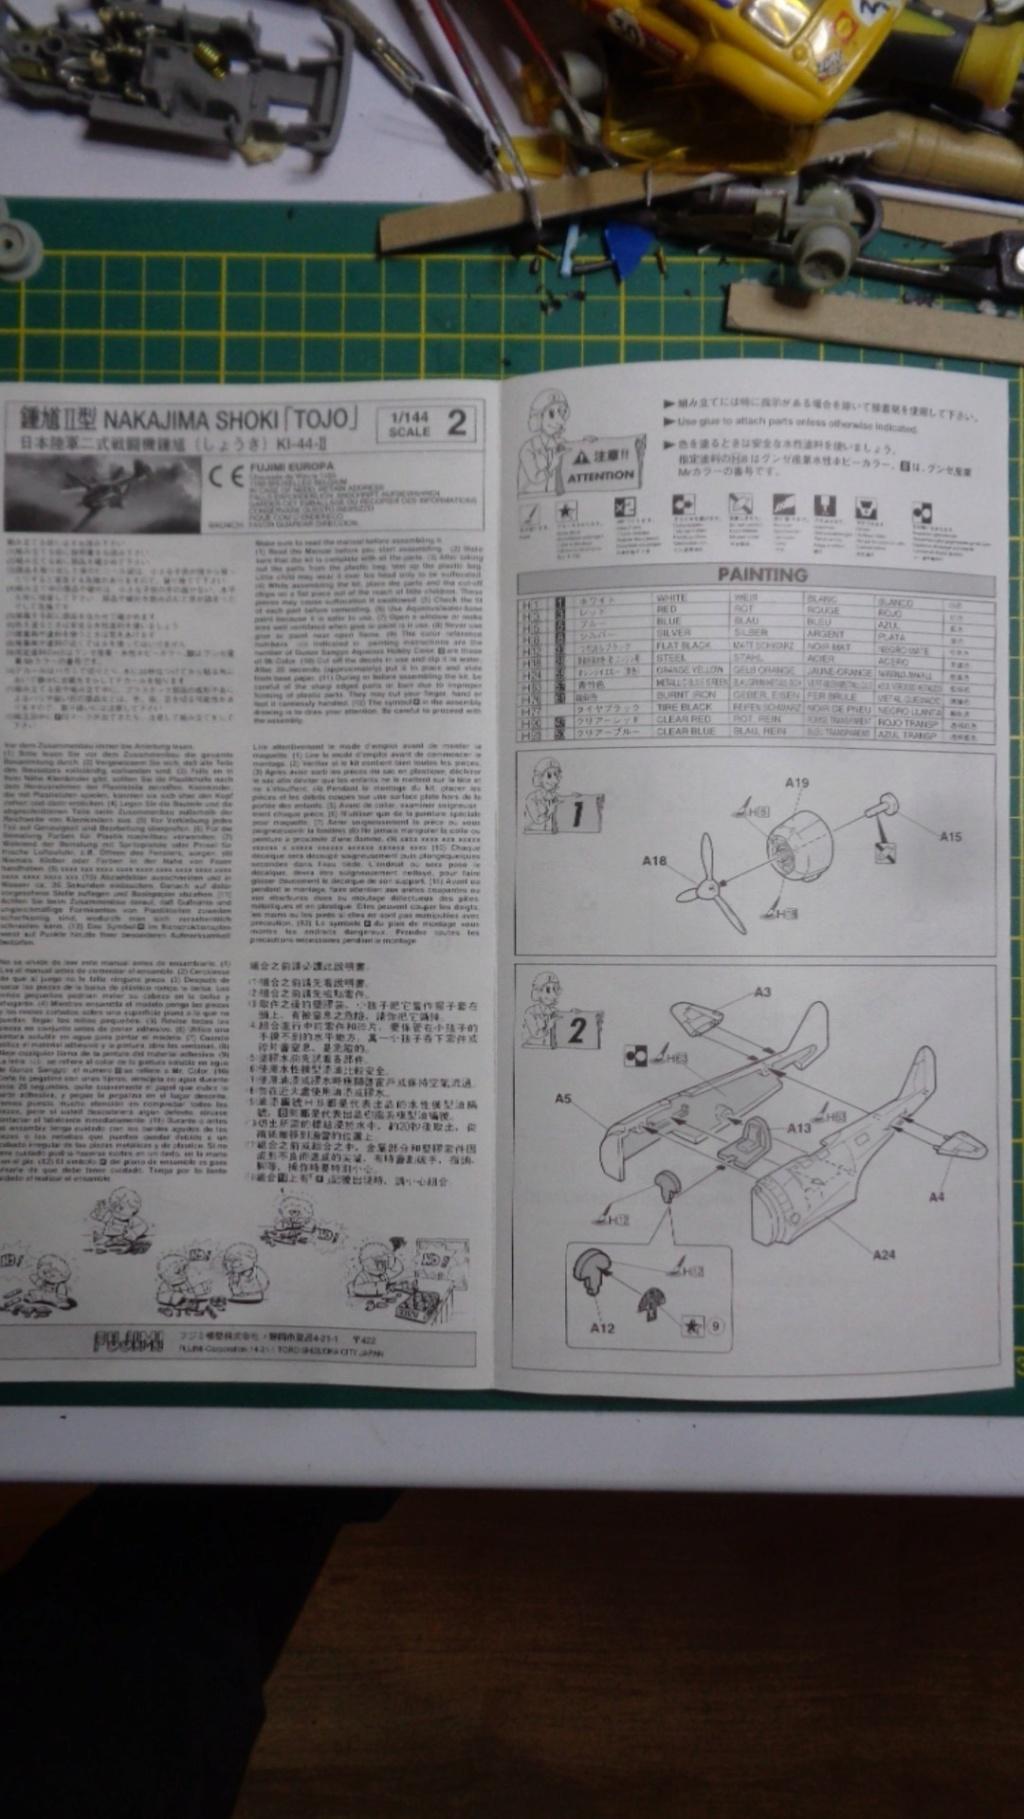 """FUJIMI. Mitusbishi """"Raiden"""" et NAKAJIMA """" shoki"""" Dsc05862"""